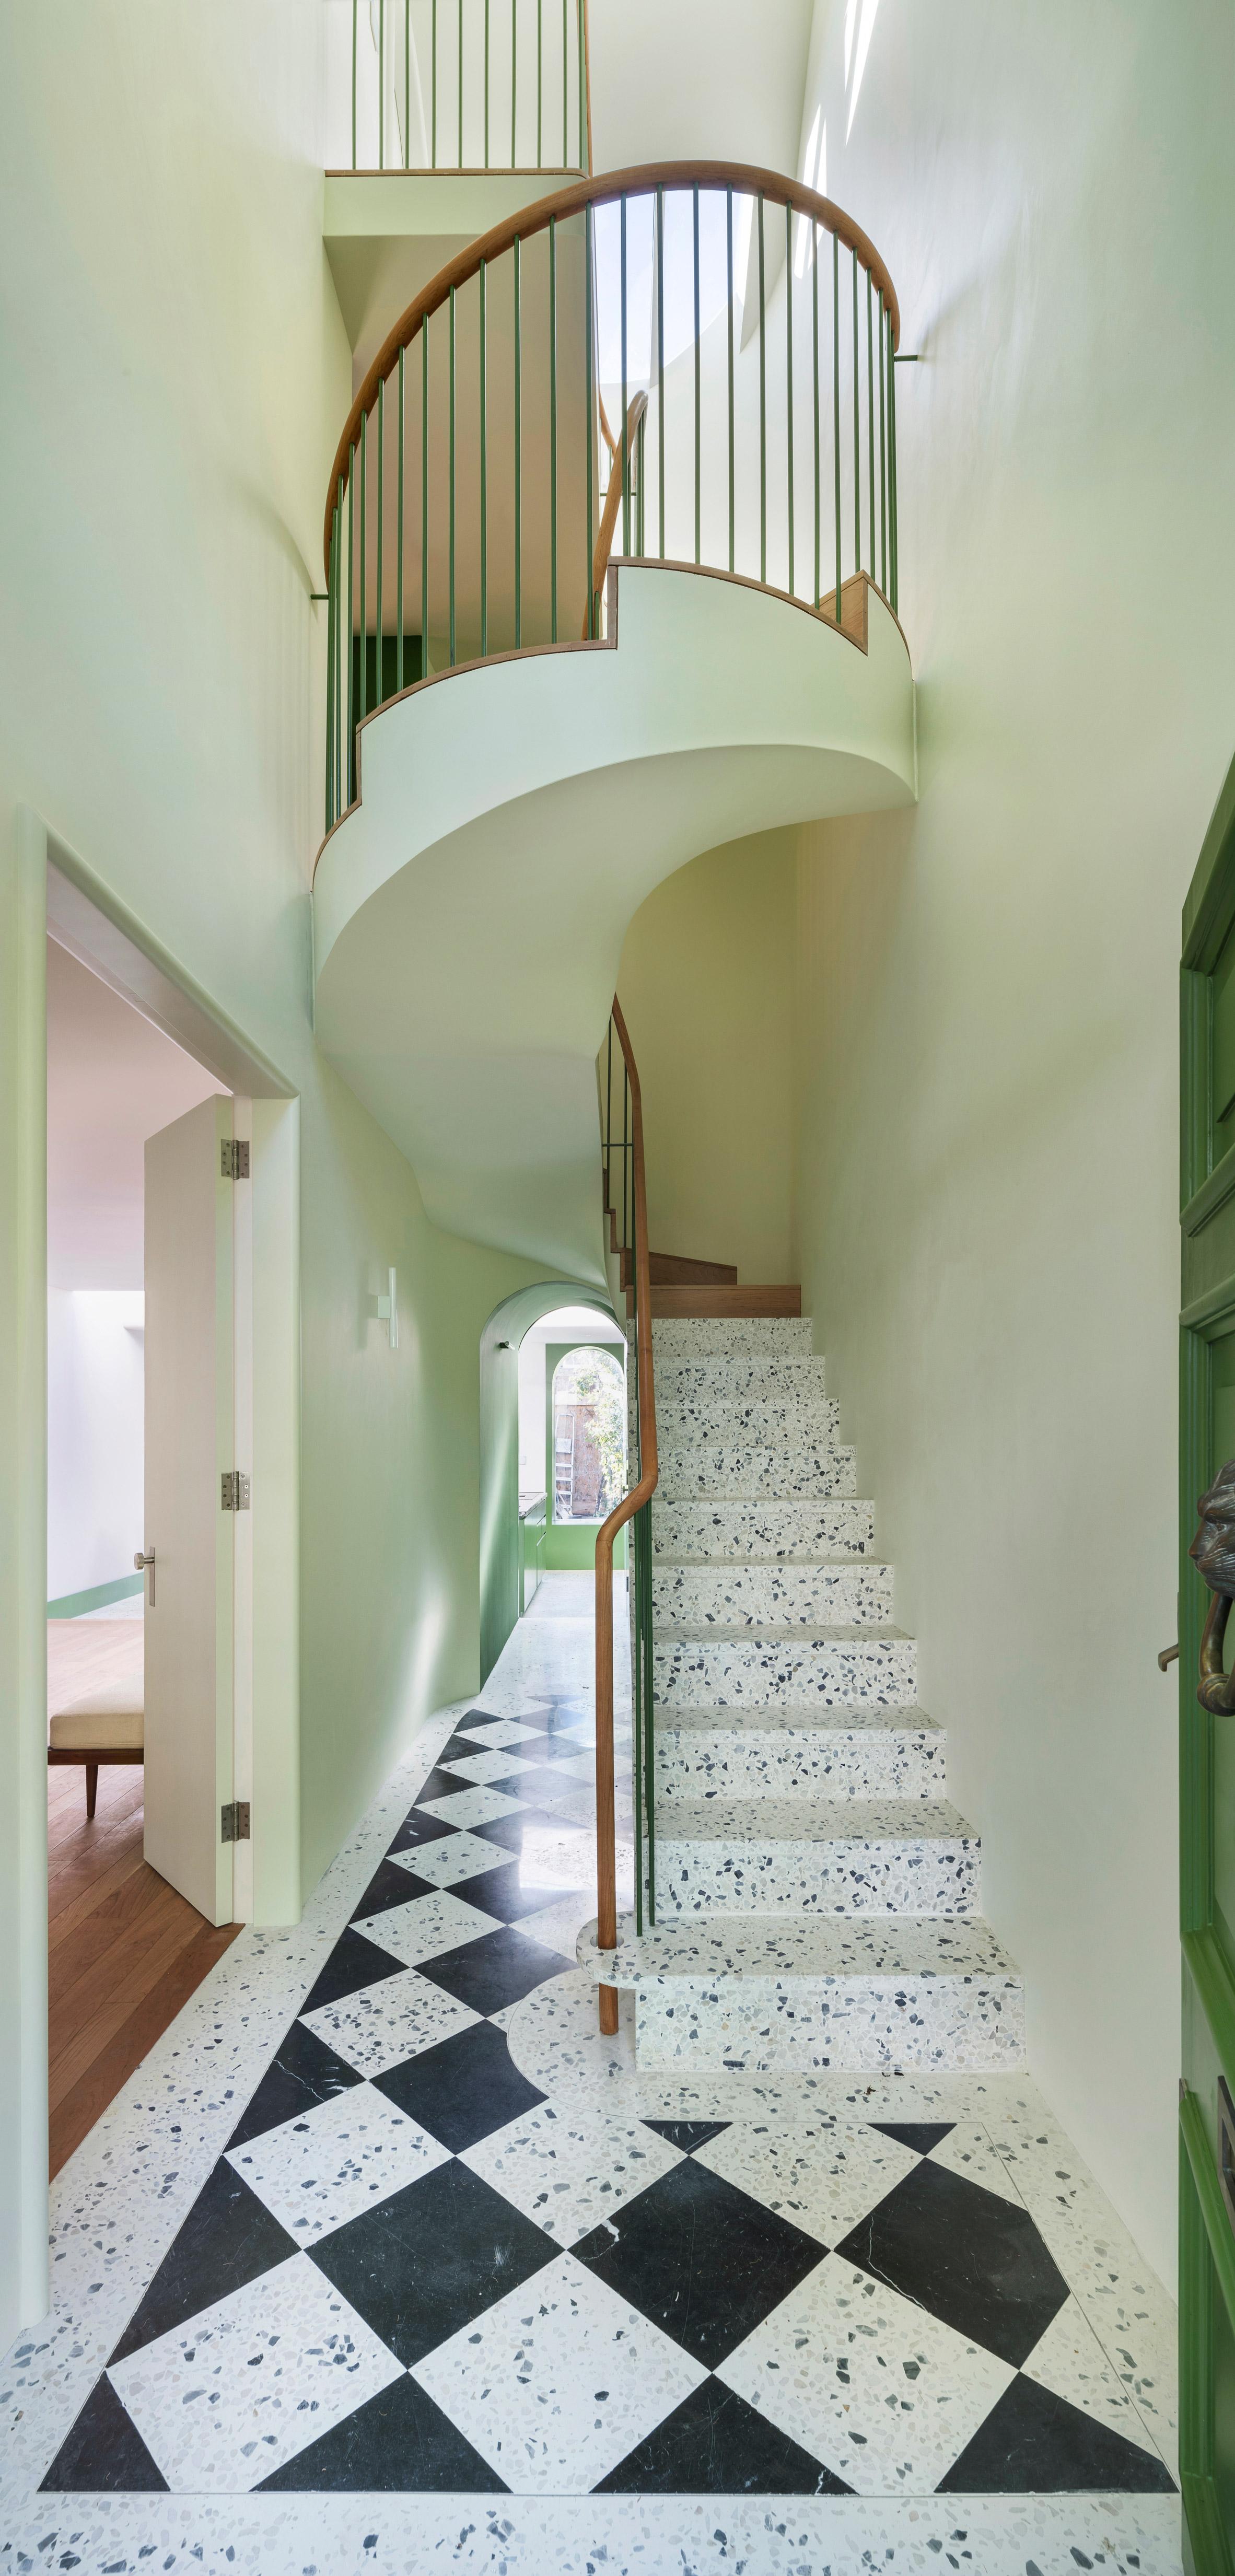 בית הארנב הלבן מביא צבע וקלילות לדירה לונדונית קשישה